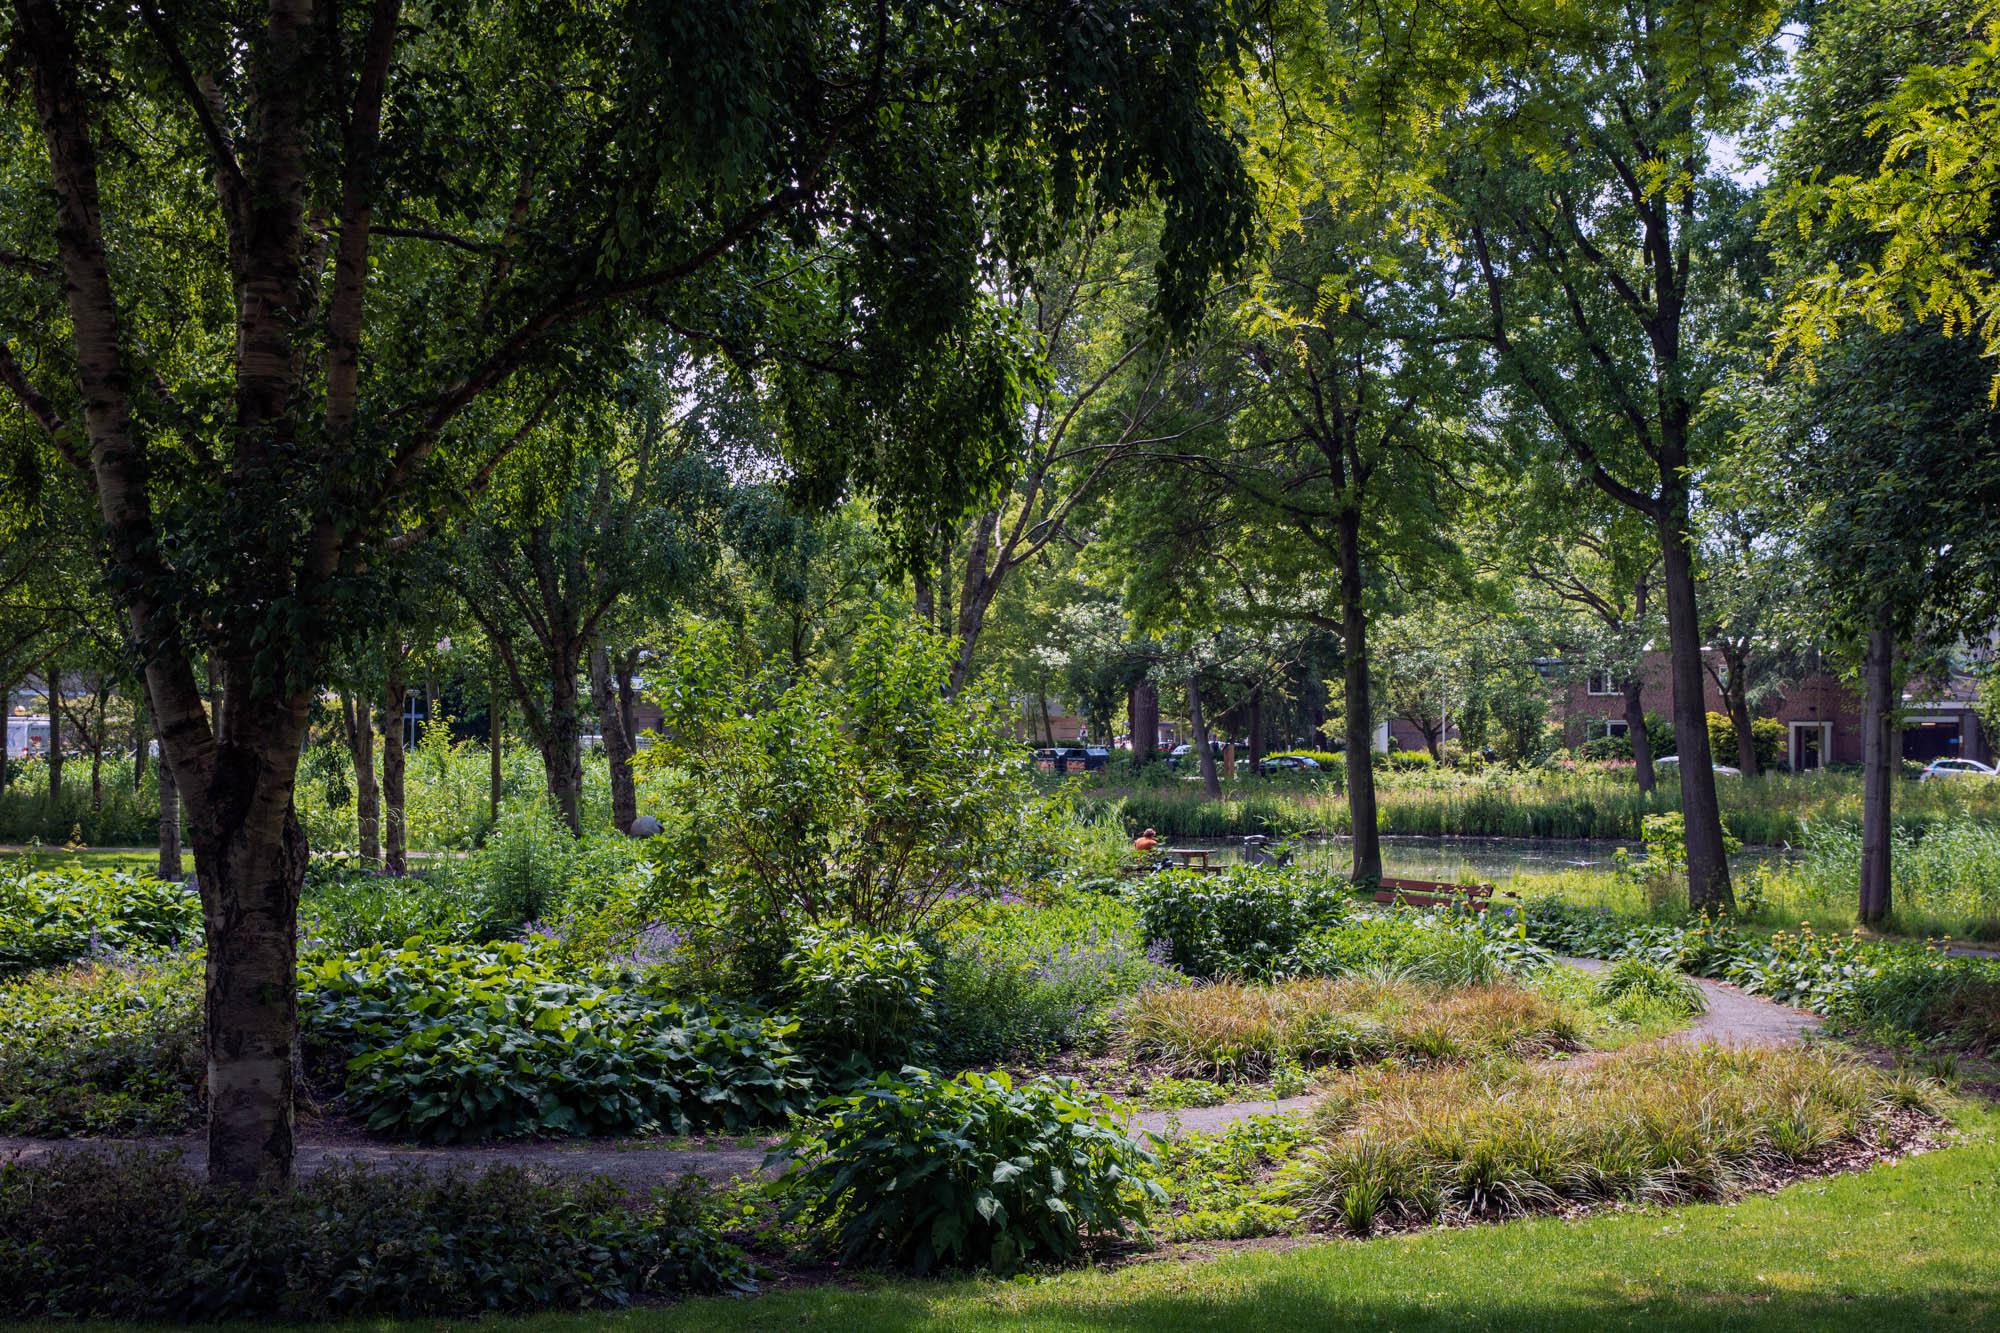 Wijkpark De Horst